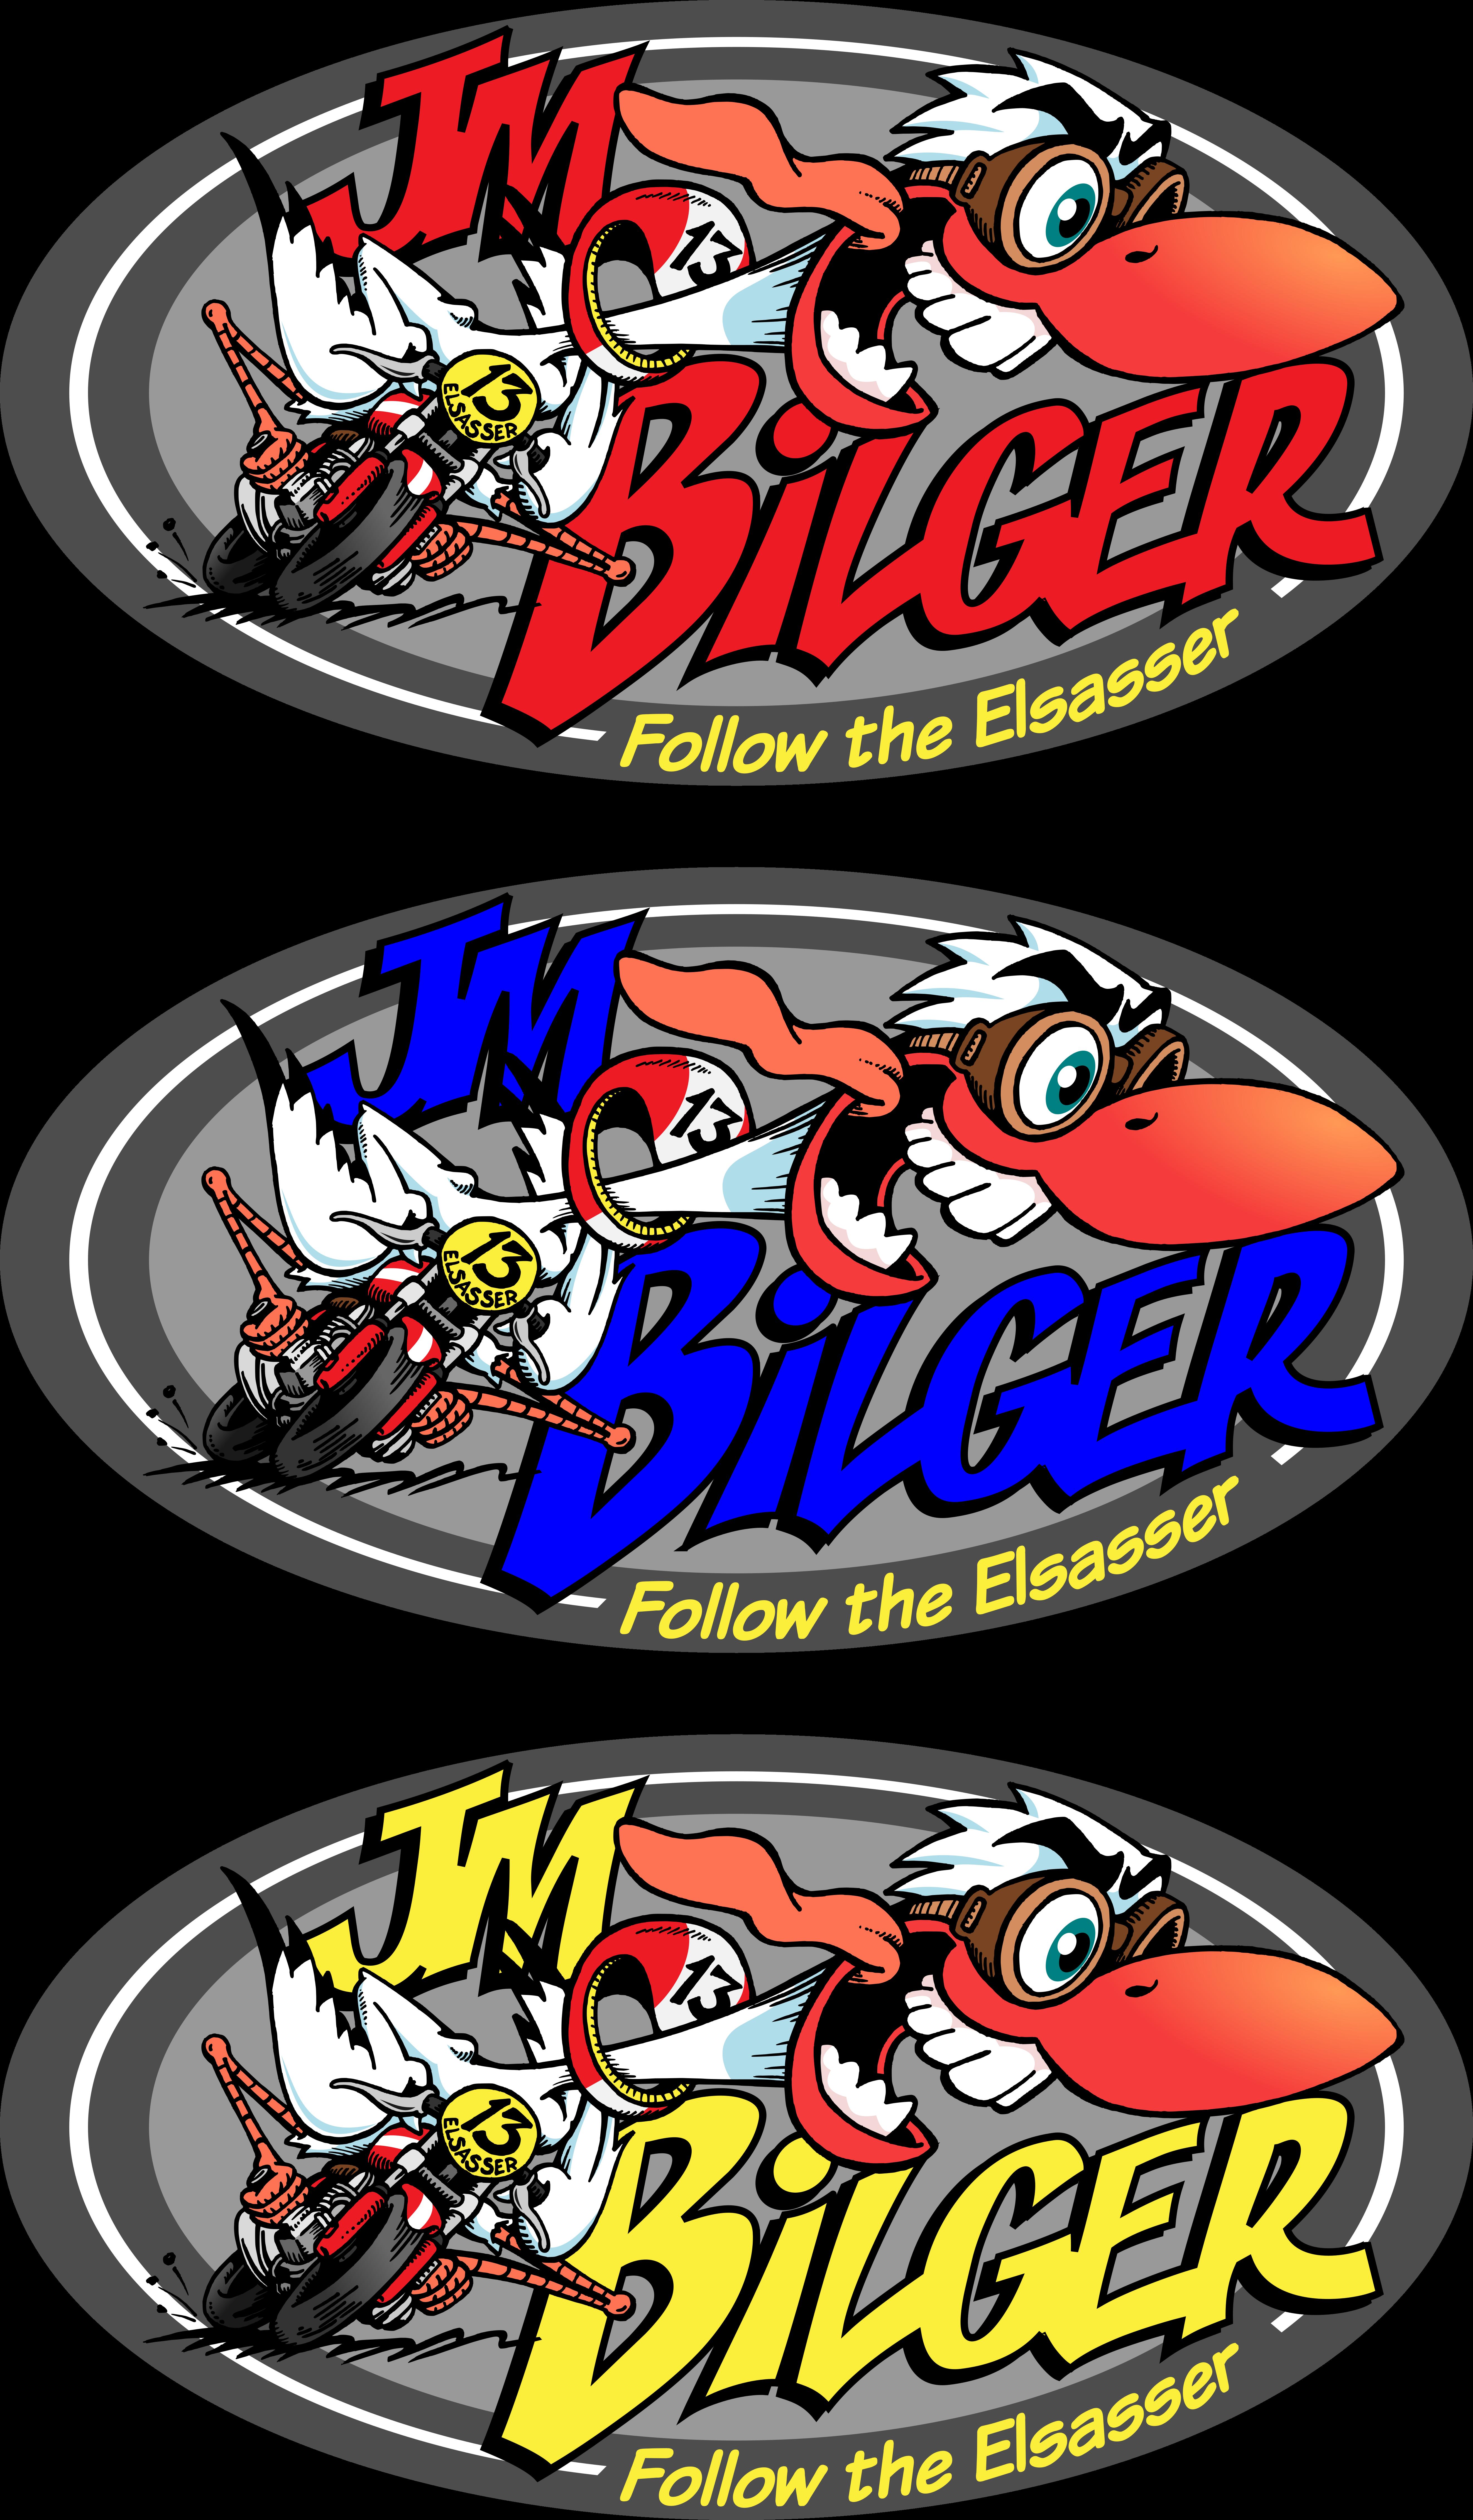 Logo for bike racer